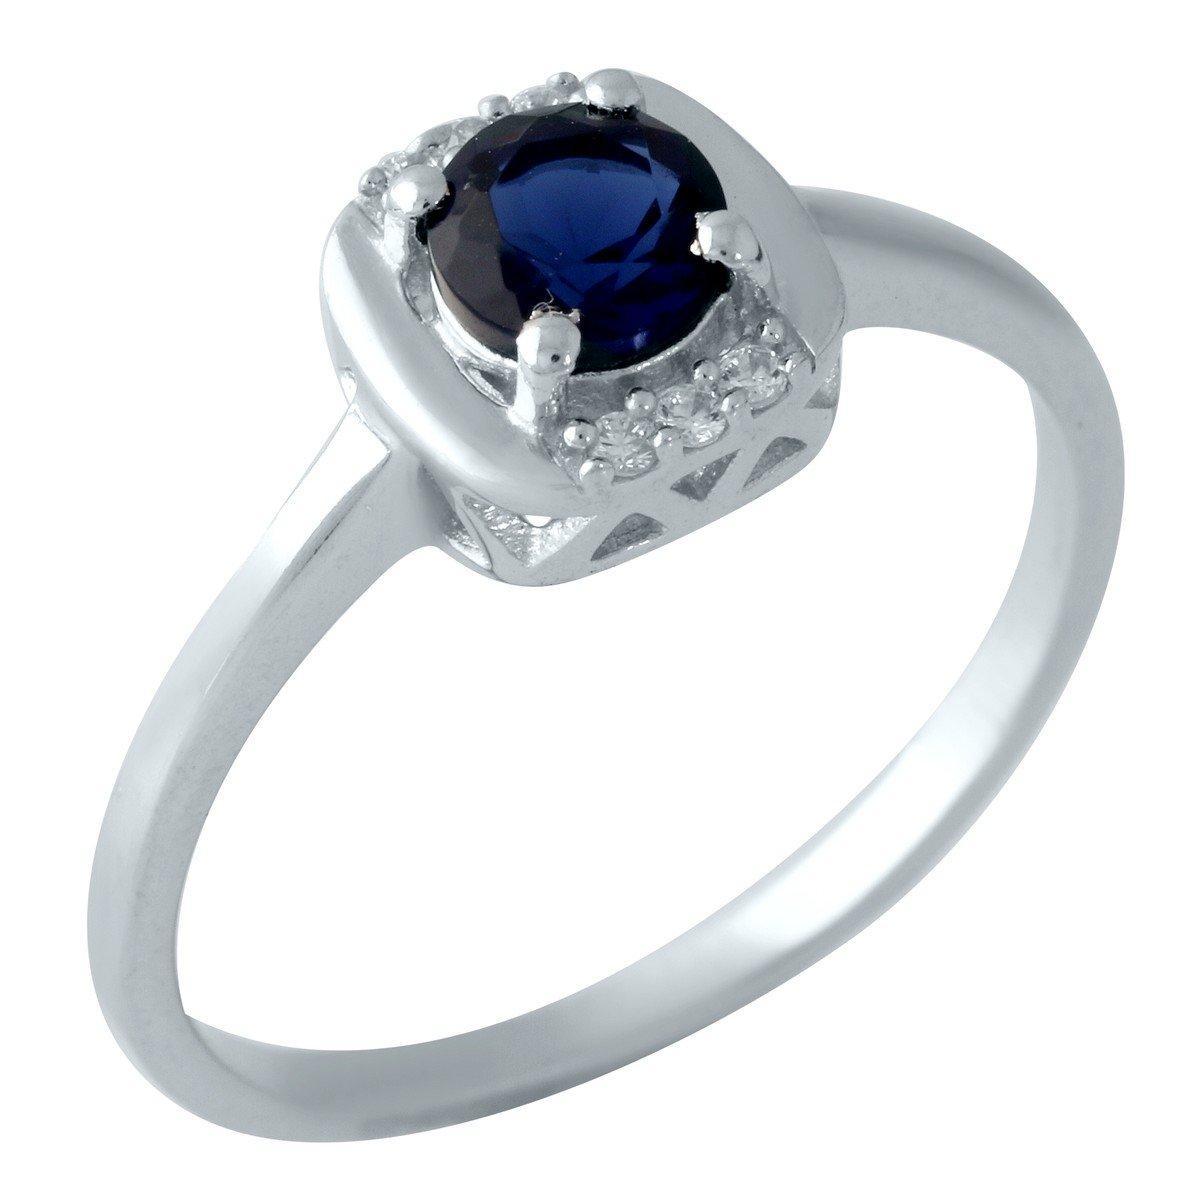 Серебряное кольцо DreamJewelry с сапфиром nano (1959251) 17.5 размер